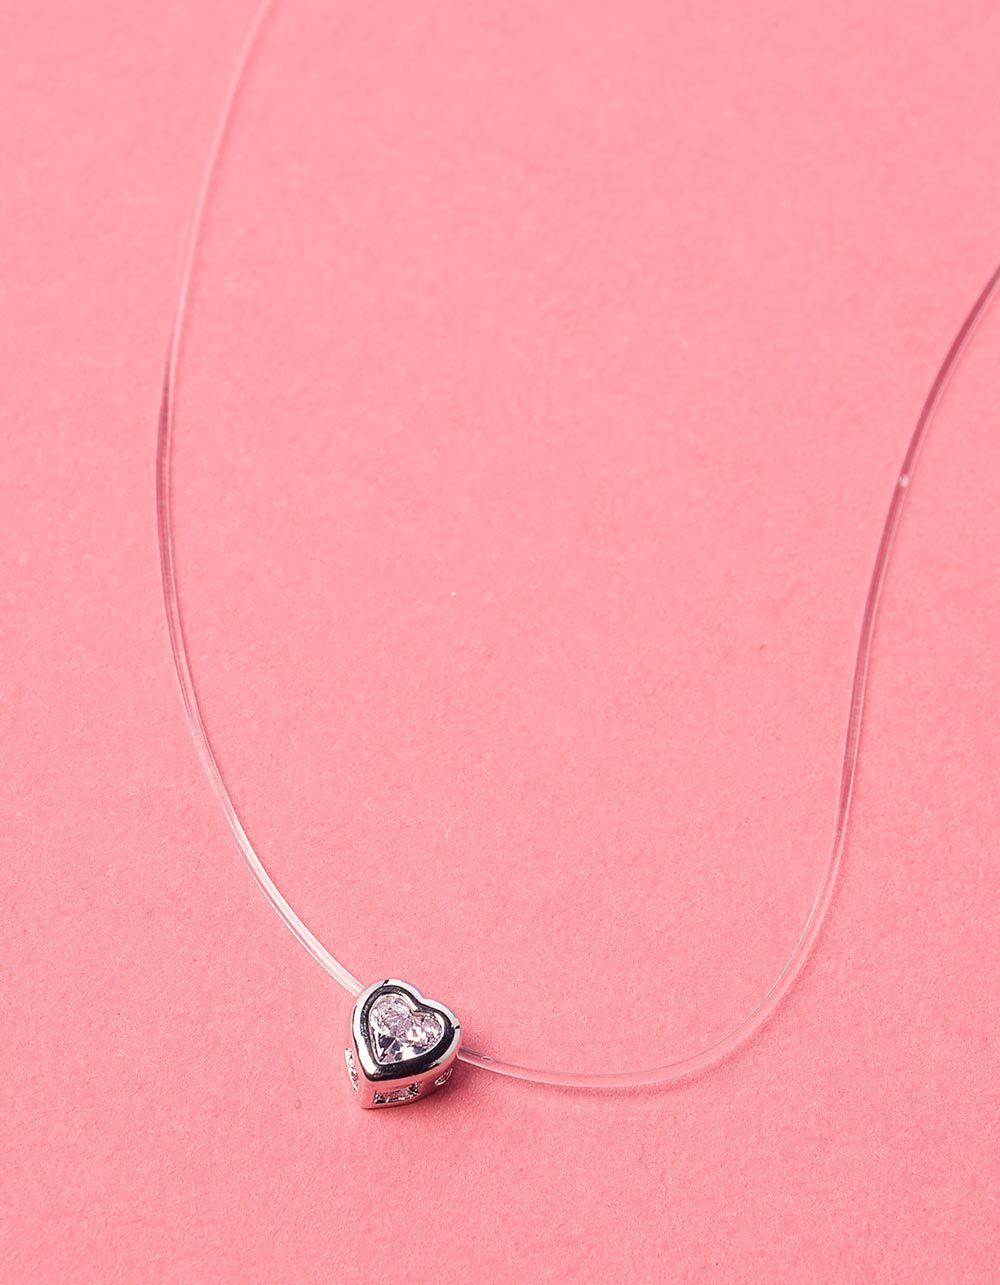 Чокер з волосіні з кулоном у вигляді серця | 234239-06-XX